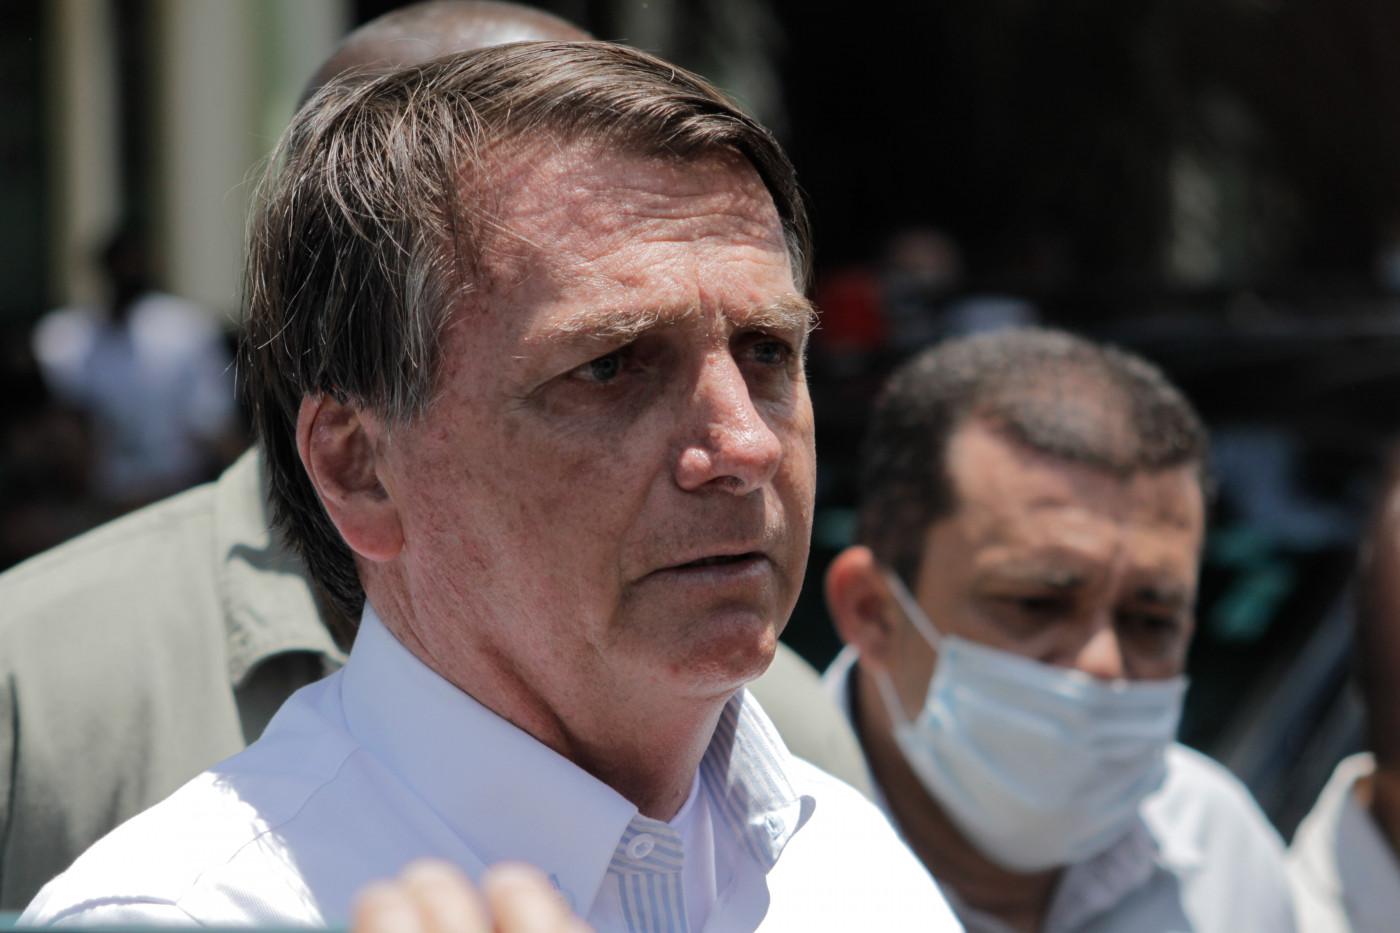 presidente jair bolsonaro, homem branco de cabelos grisalhos e camisa branca, olhando para o lado. Foto somente do rosto dele